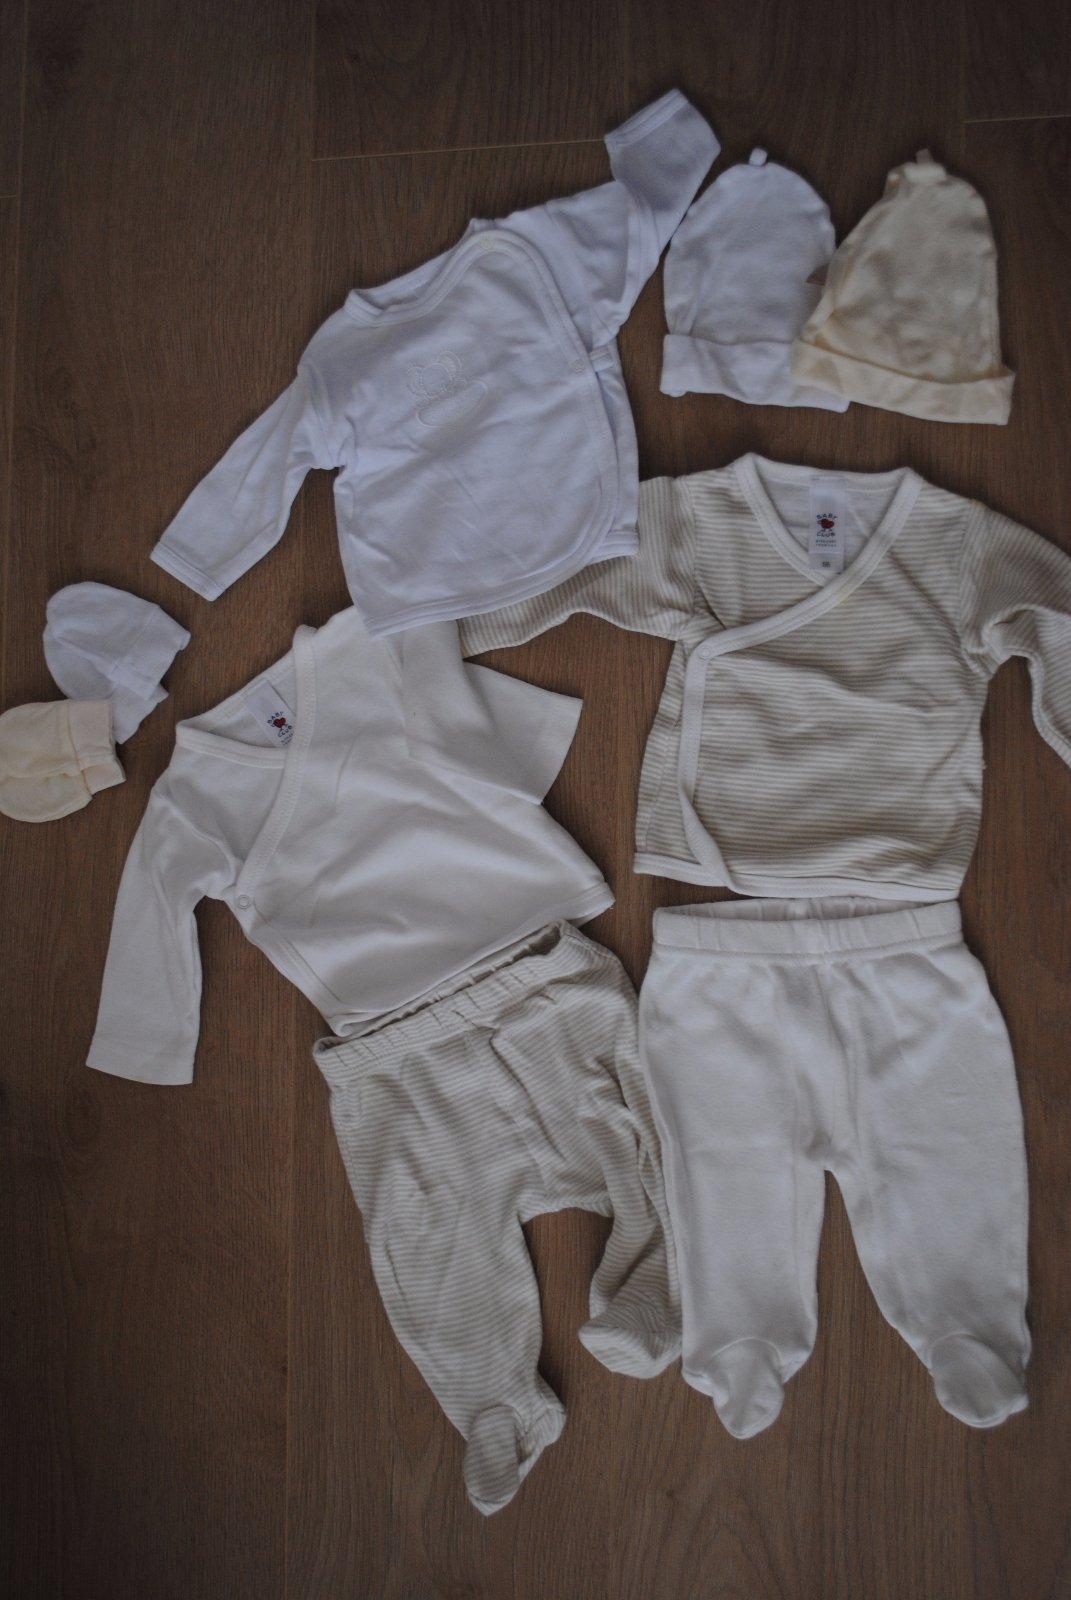 c6683add7656 Balík oblečenia pre novorodenca